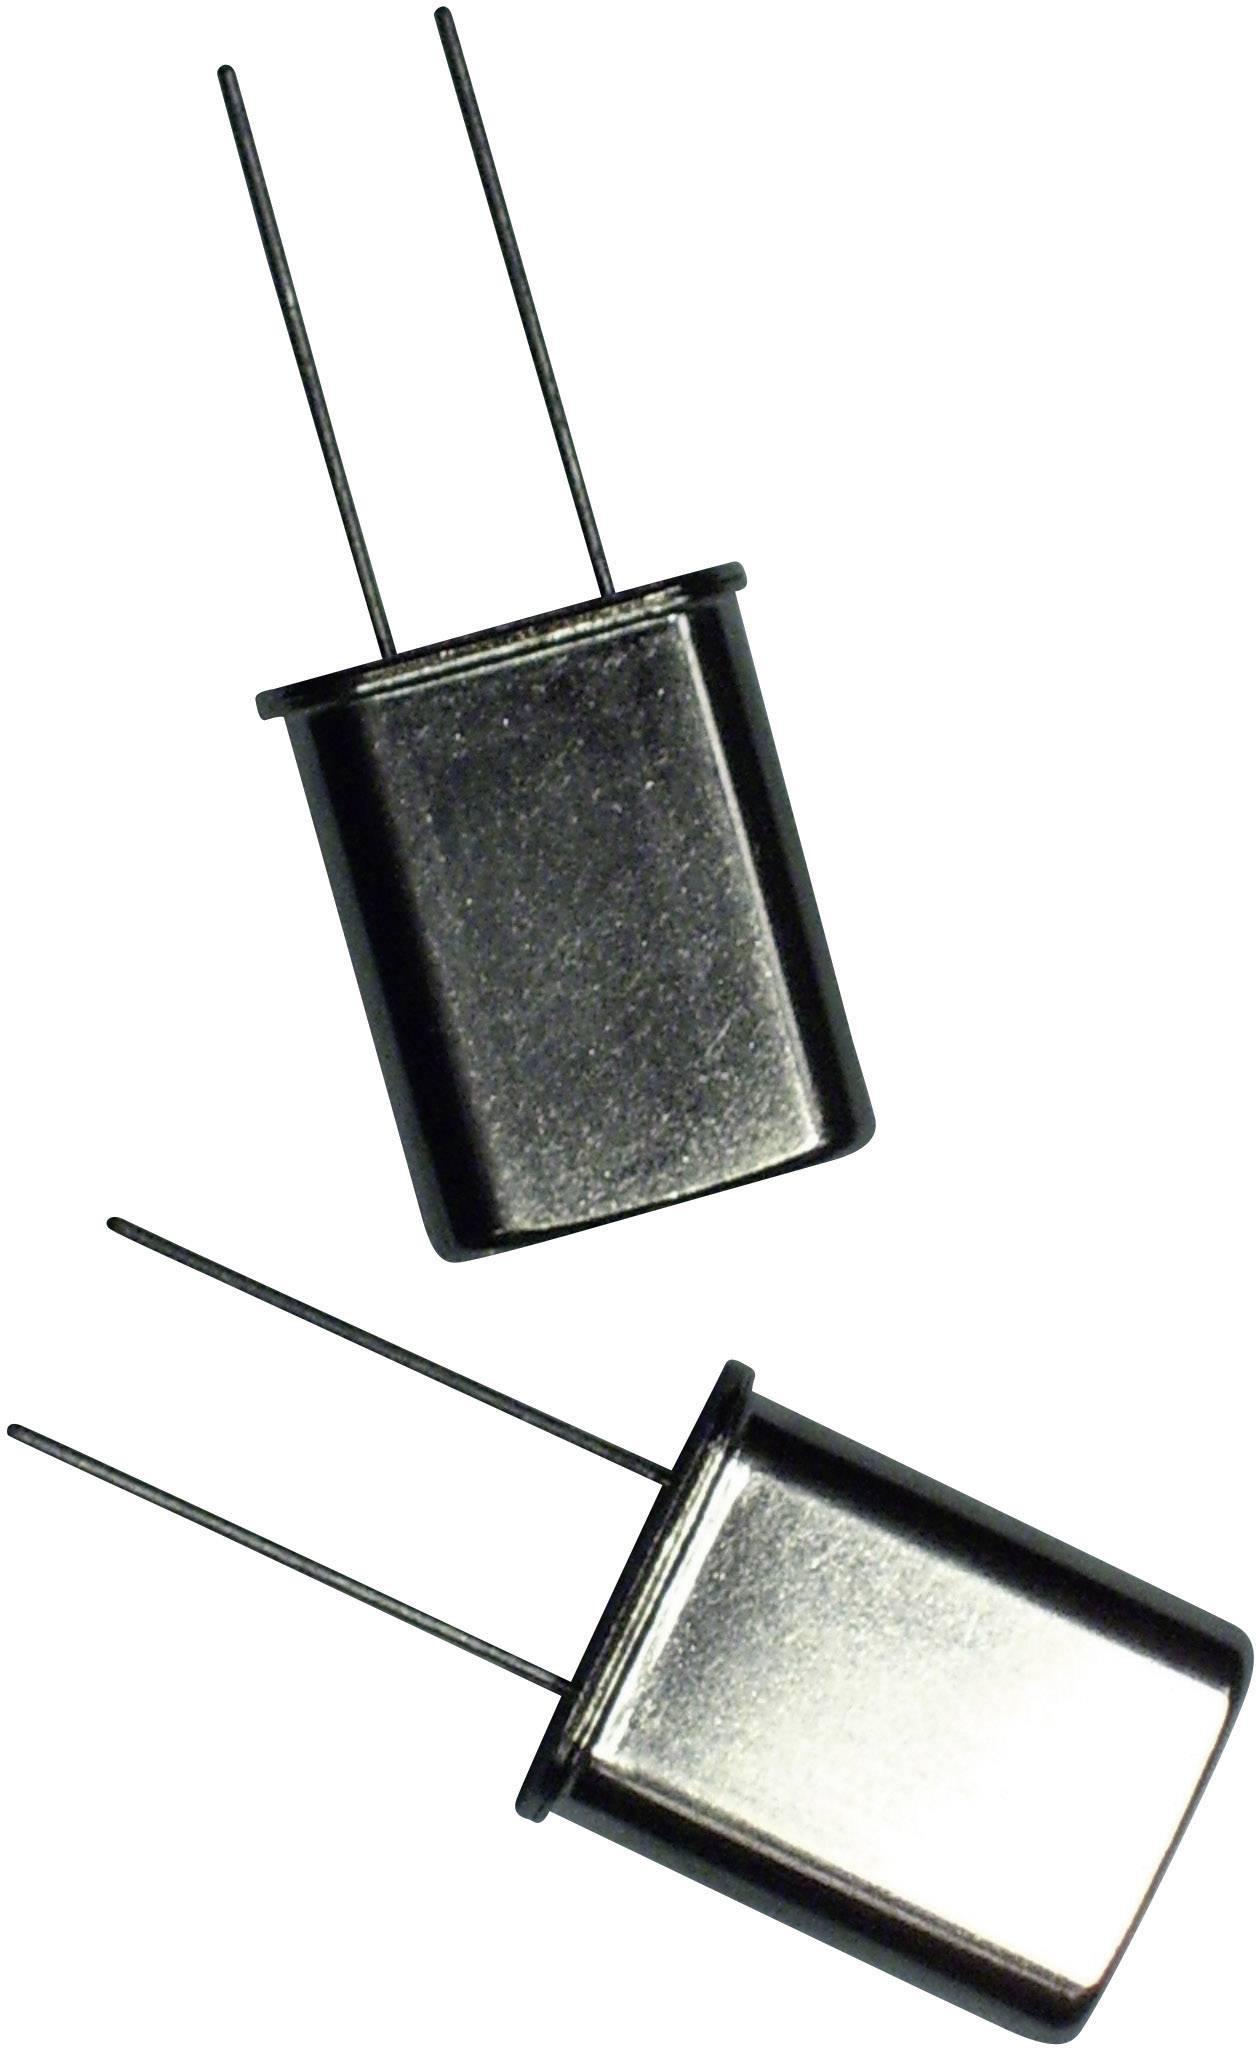 Krystal EuroQuartz, 3,579545 MHz, HC49, 30/50/40/18PF/ATF